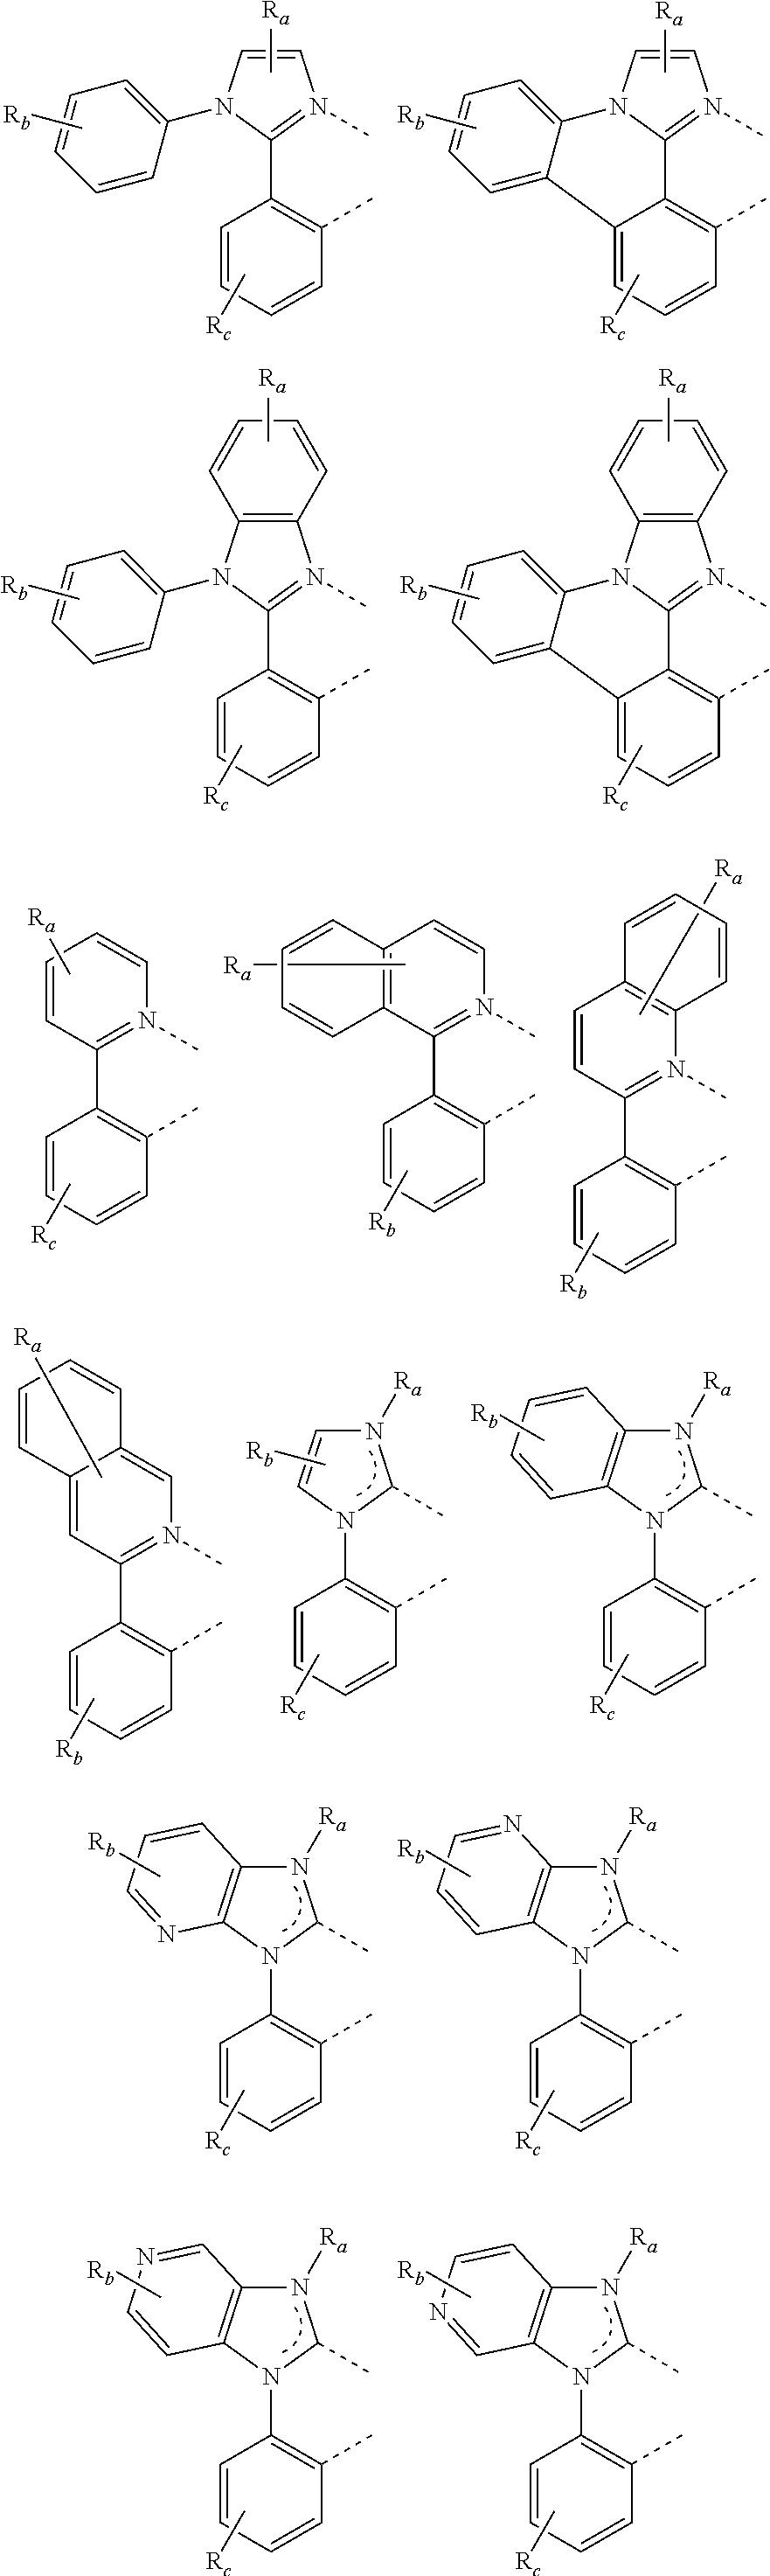 Figure US09972793-20180515-C00018